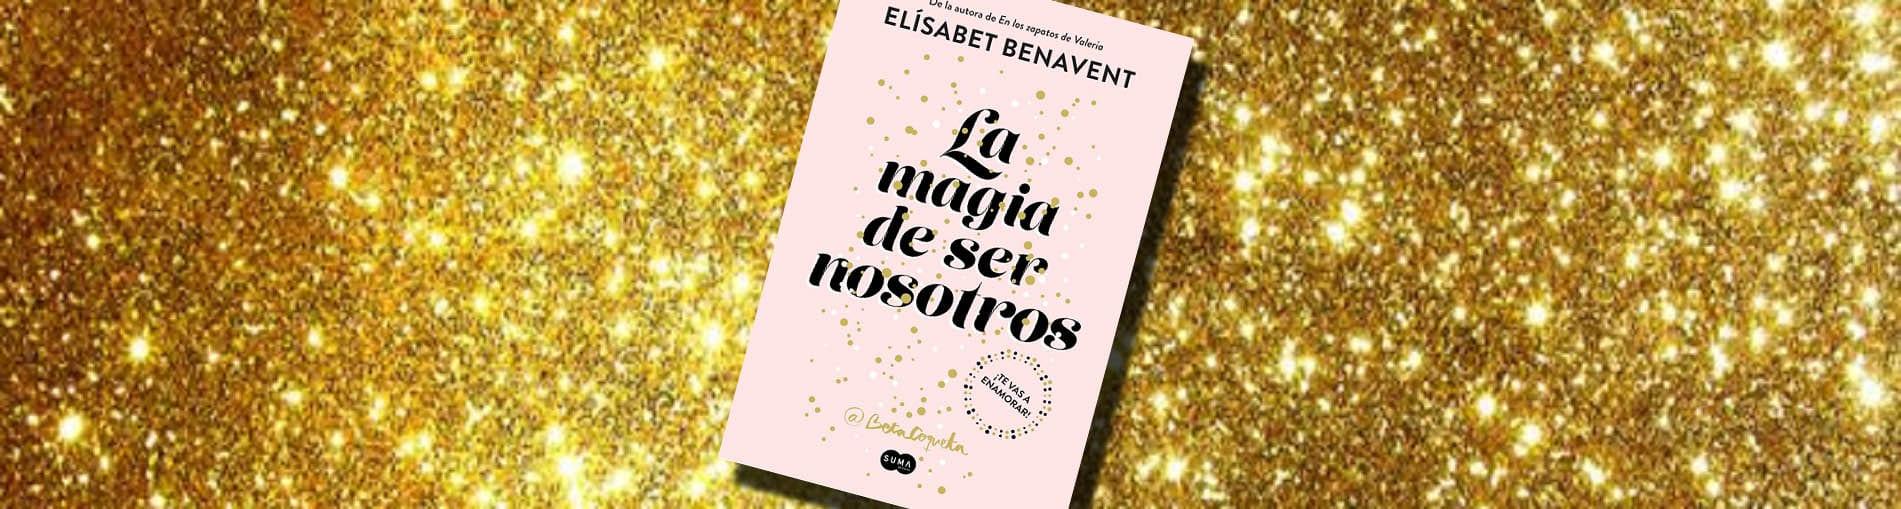 la magia de ser nosotros bilogia sofia 2 best seller